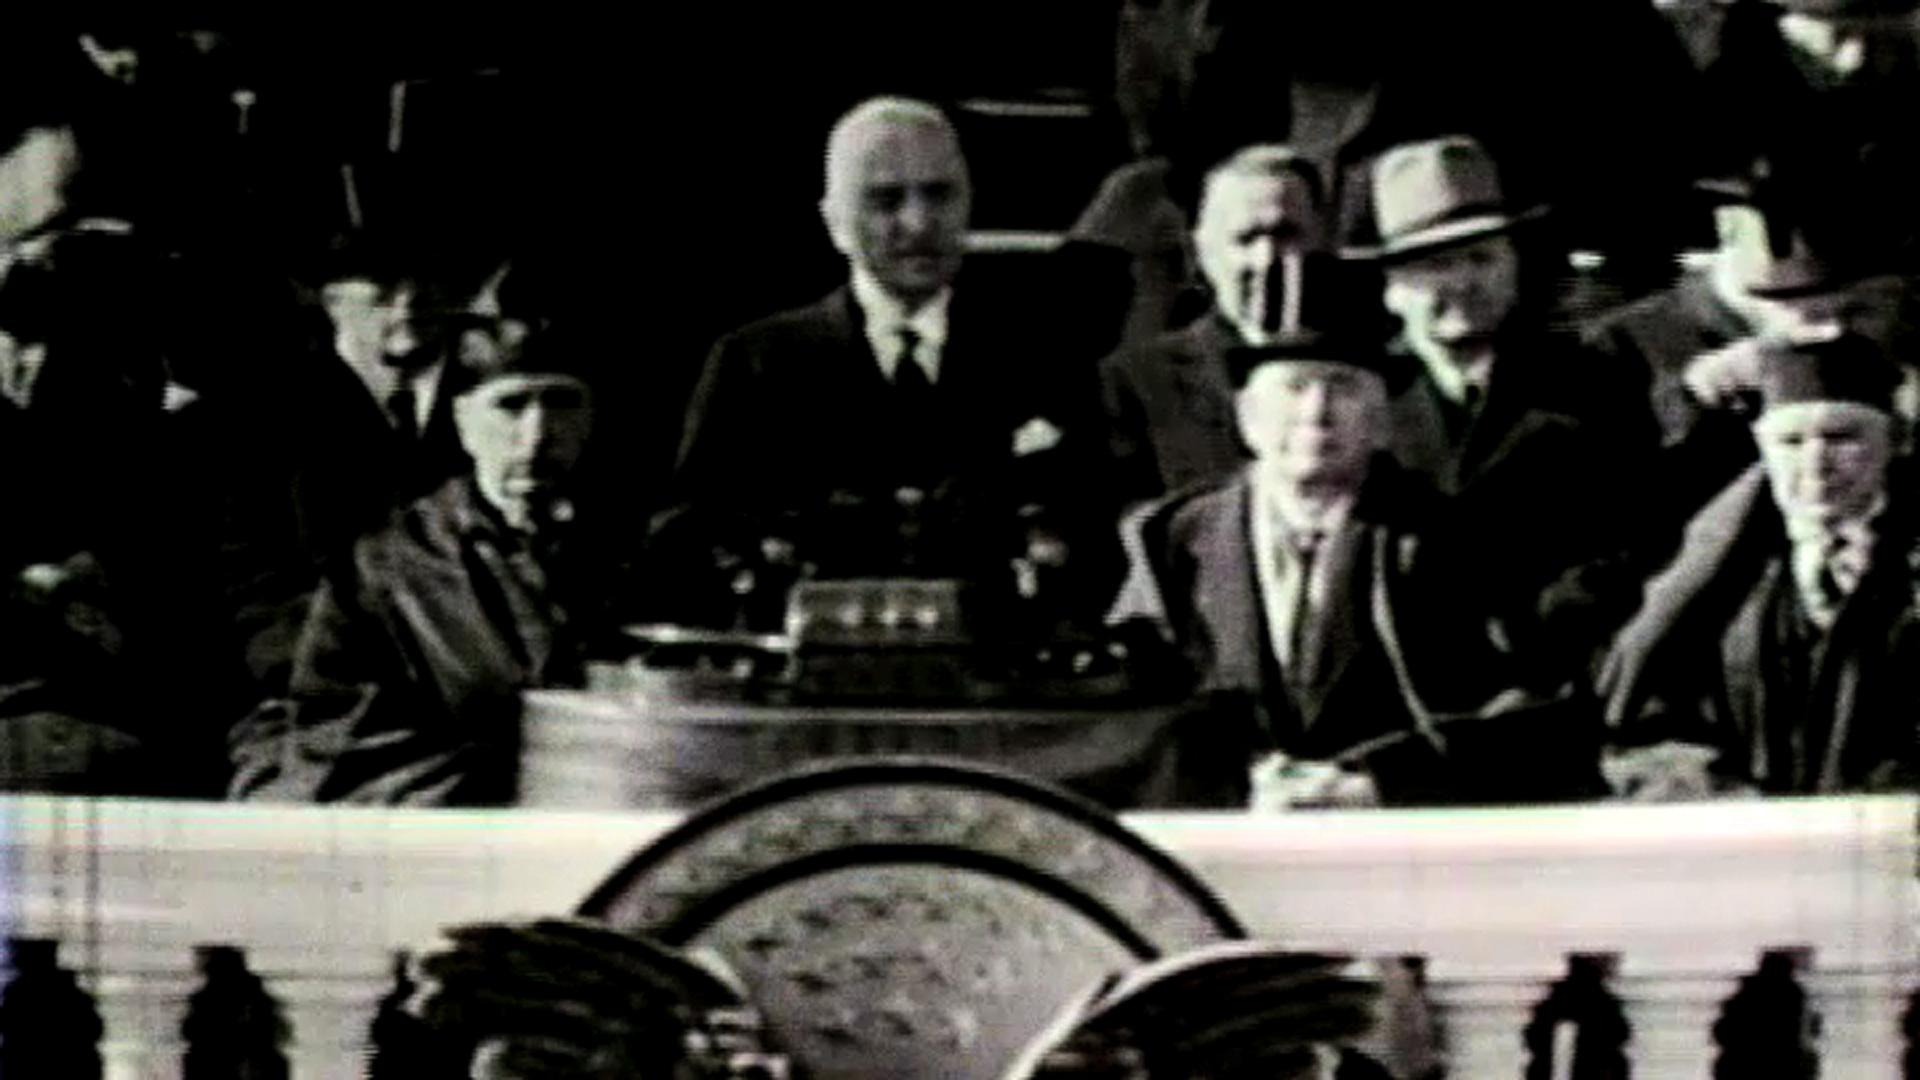 Truman delivers his Fair Deal speech - Jan 05, 1949 - HISTORY.com